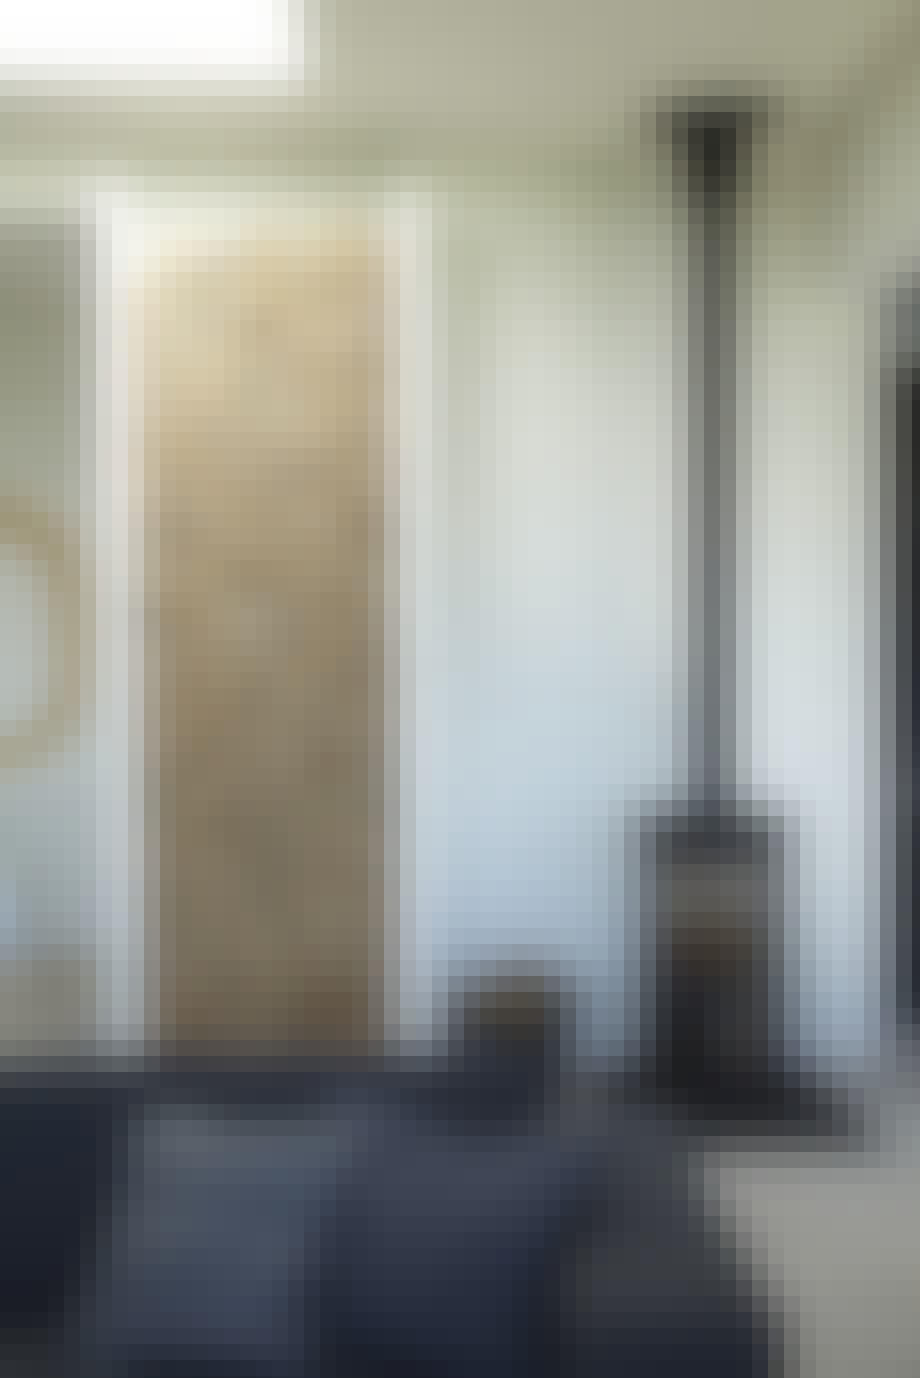 væg med brænde fra gulv til loft og en brændeovn i en stue